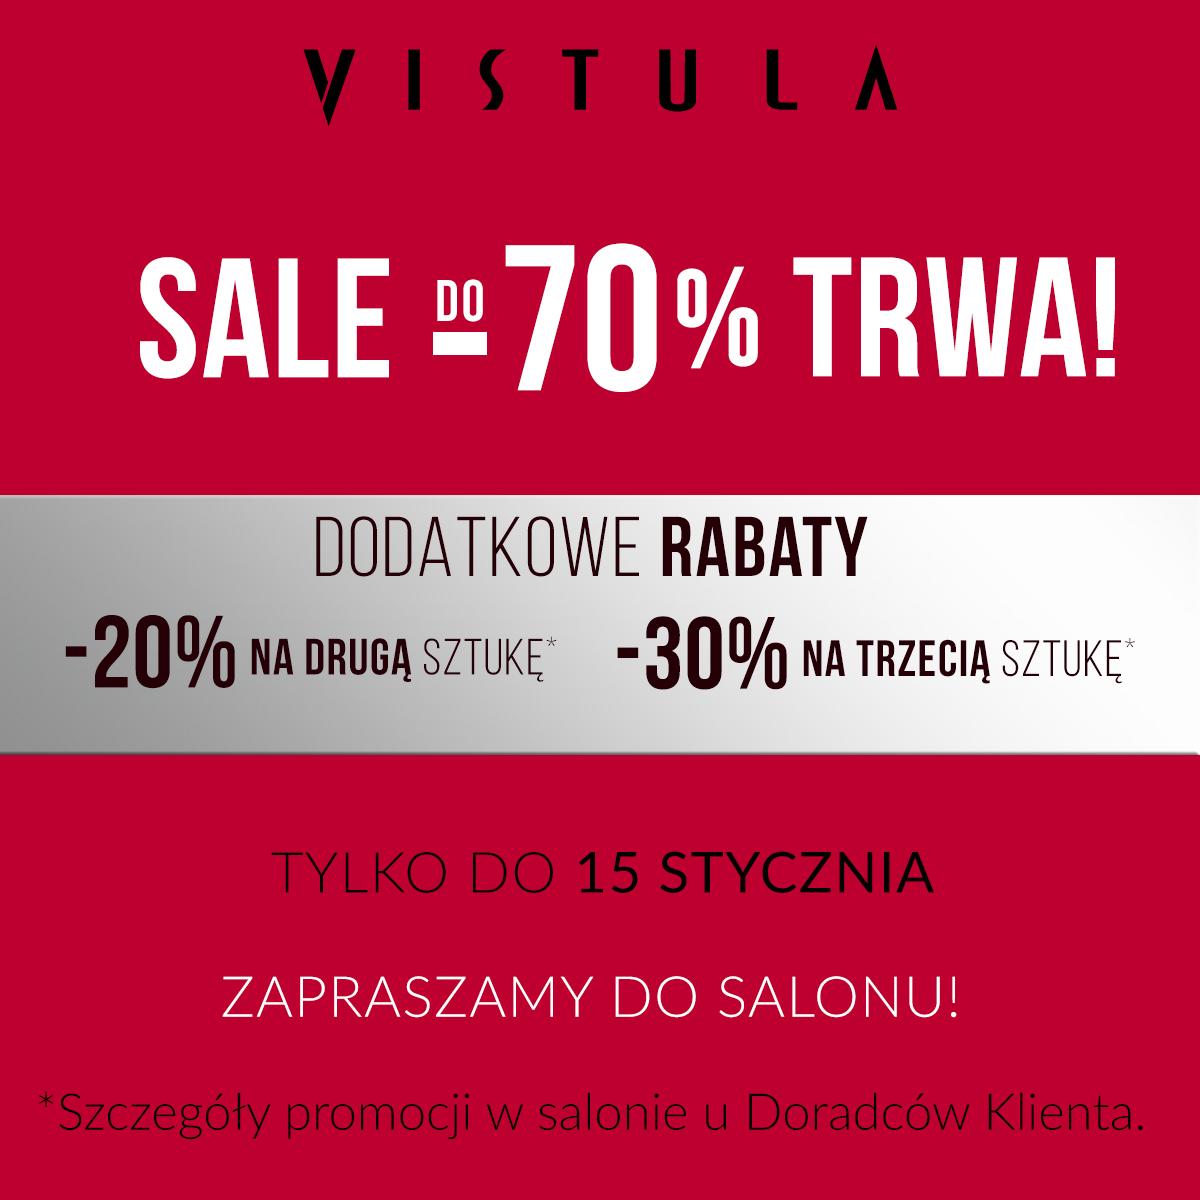 Dodatkowe rabaty w ramach wyprzedaży do -70% w salonie VISTULA.